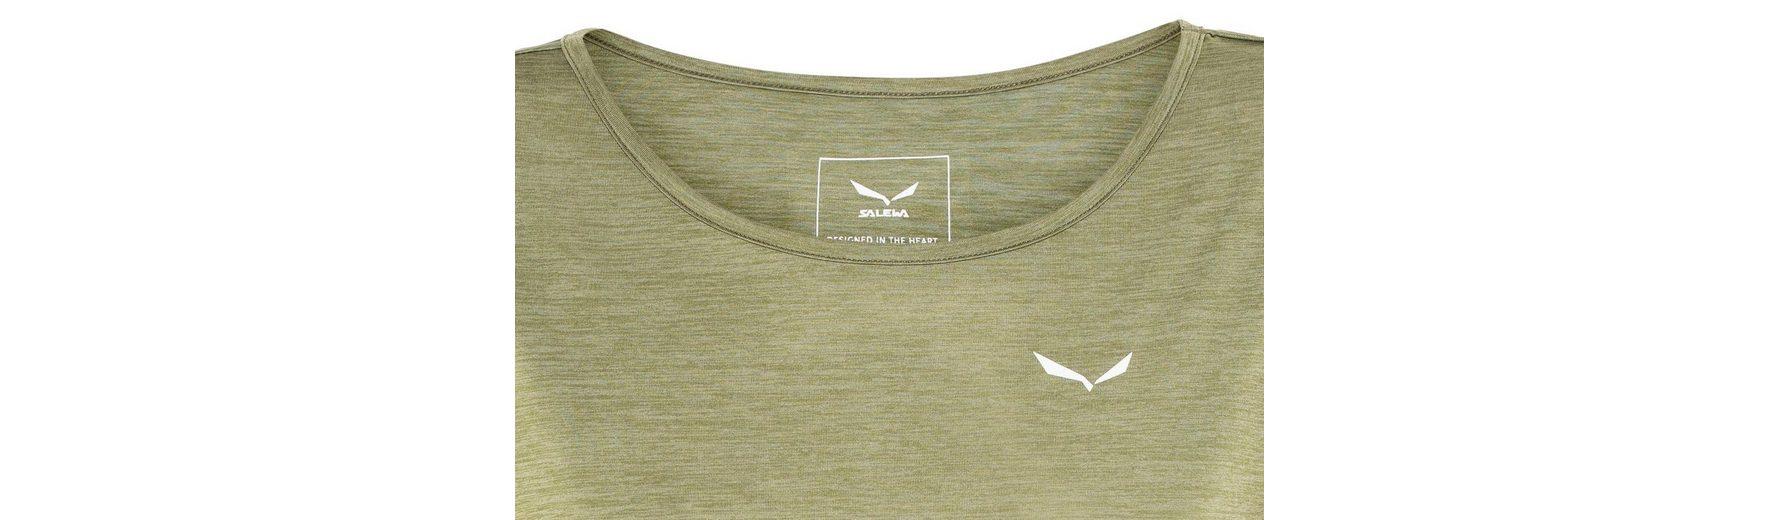 Salewa T-Shirt Puez Melange Dry S/S Tee Women Bester Shop Zum Kauf Günstig Kaufen Amazon Spielraum Günstigsten Preis Billigpreisnachlass Authentisch OYhiDSu2